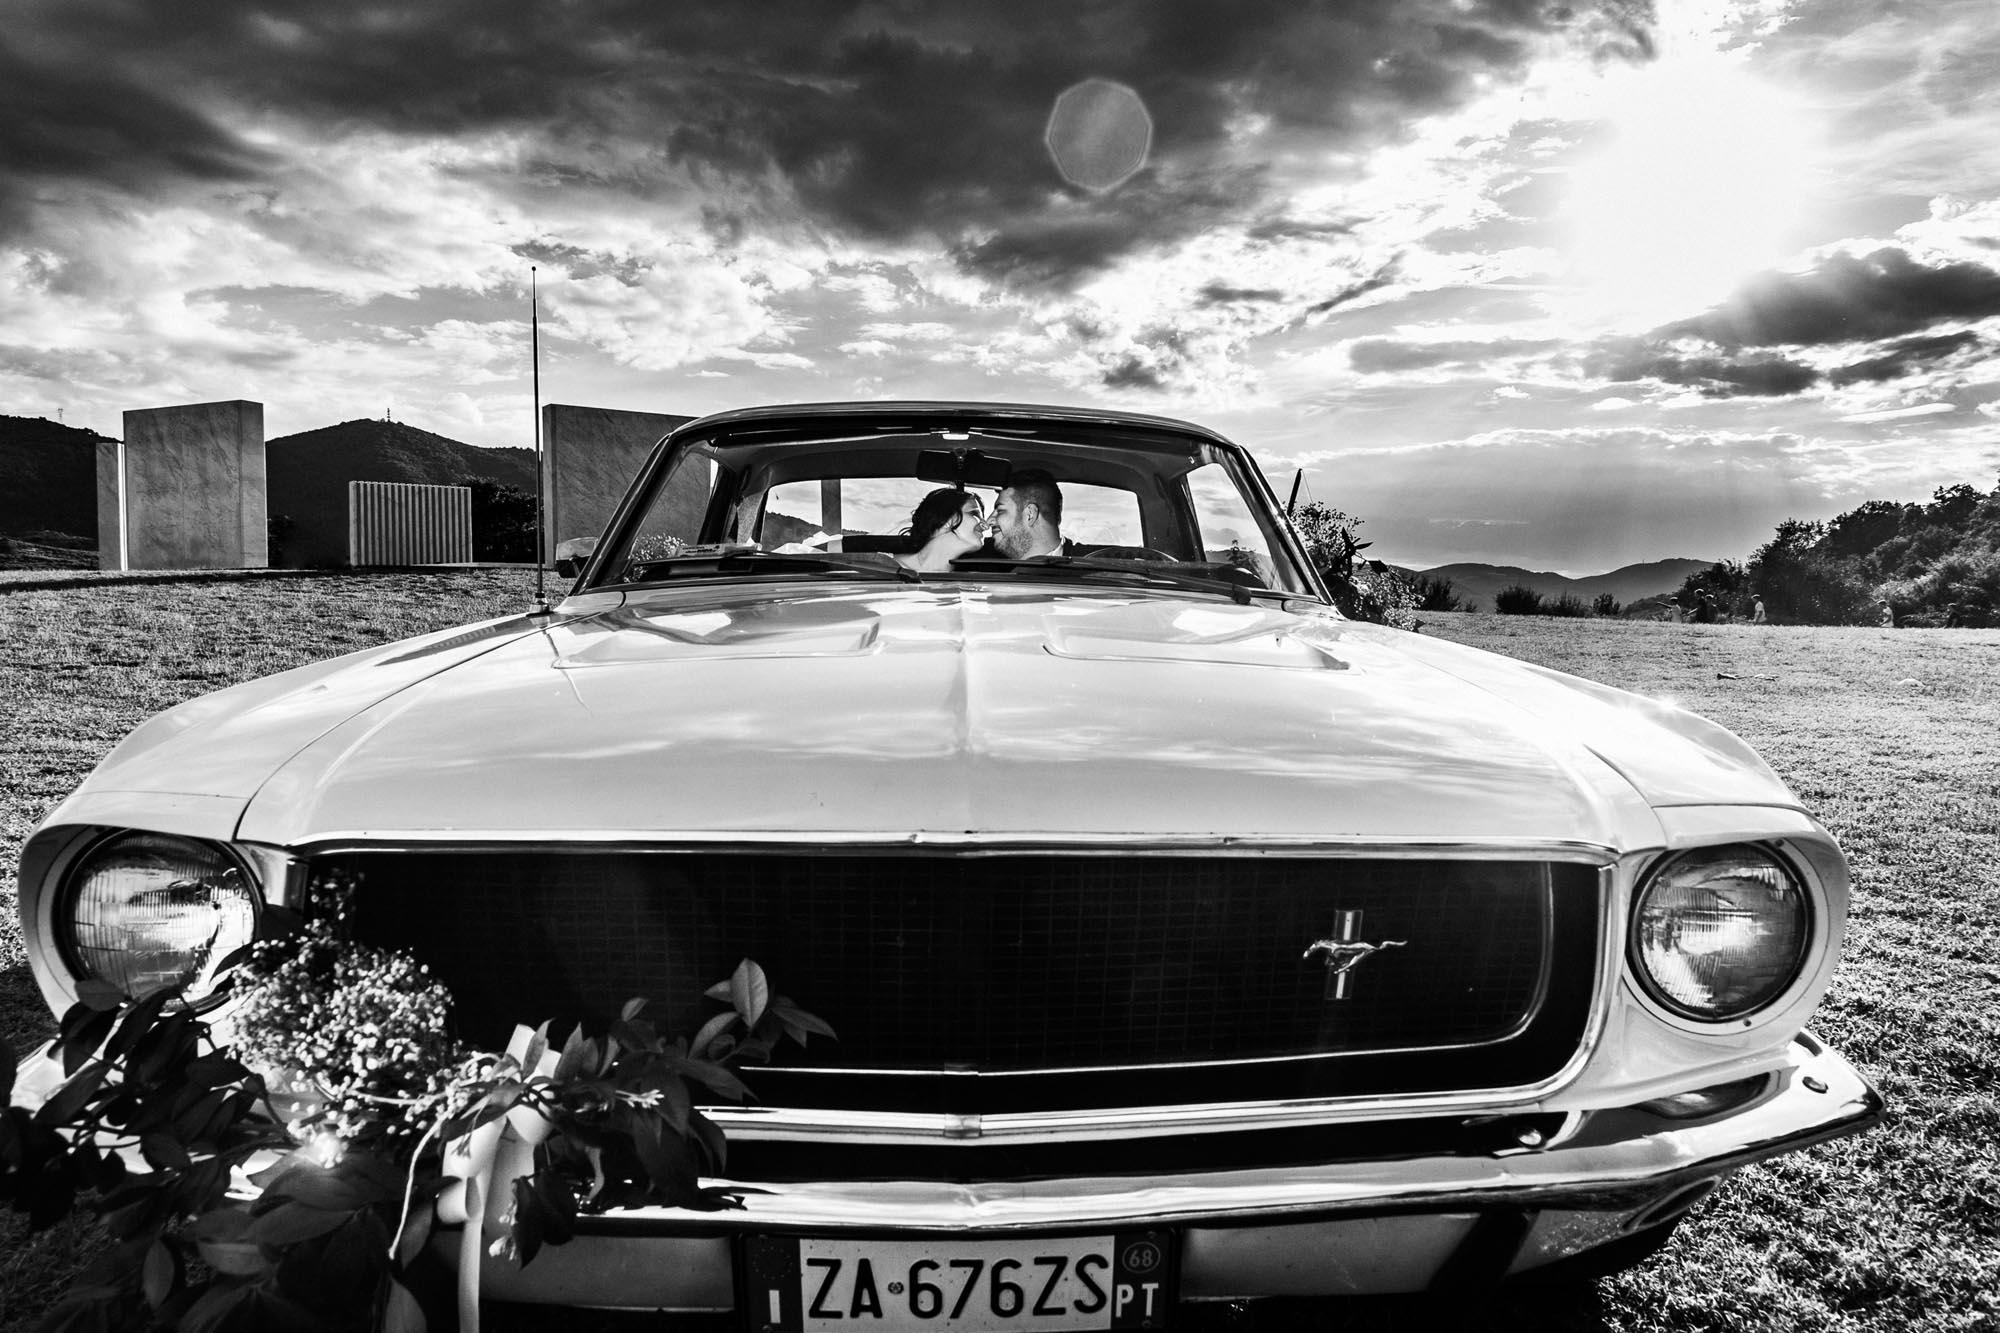 fotografo di matrimonio a quarrata gli sposi in auto mustang bn